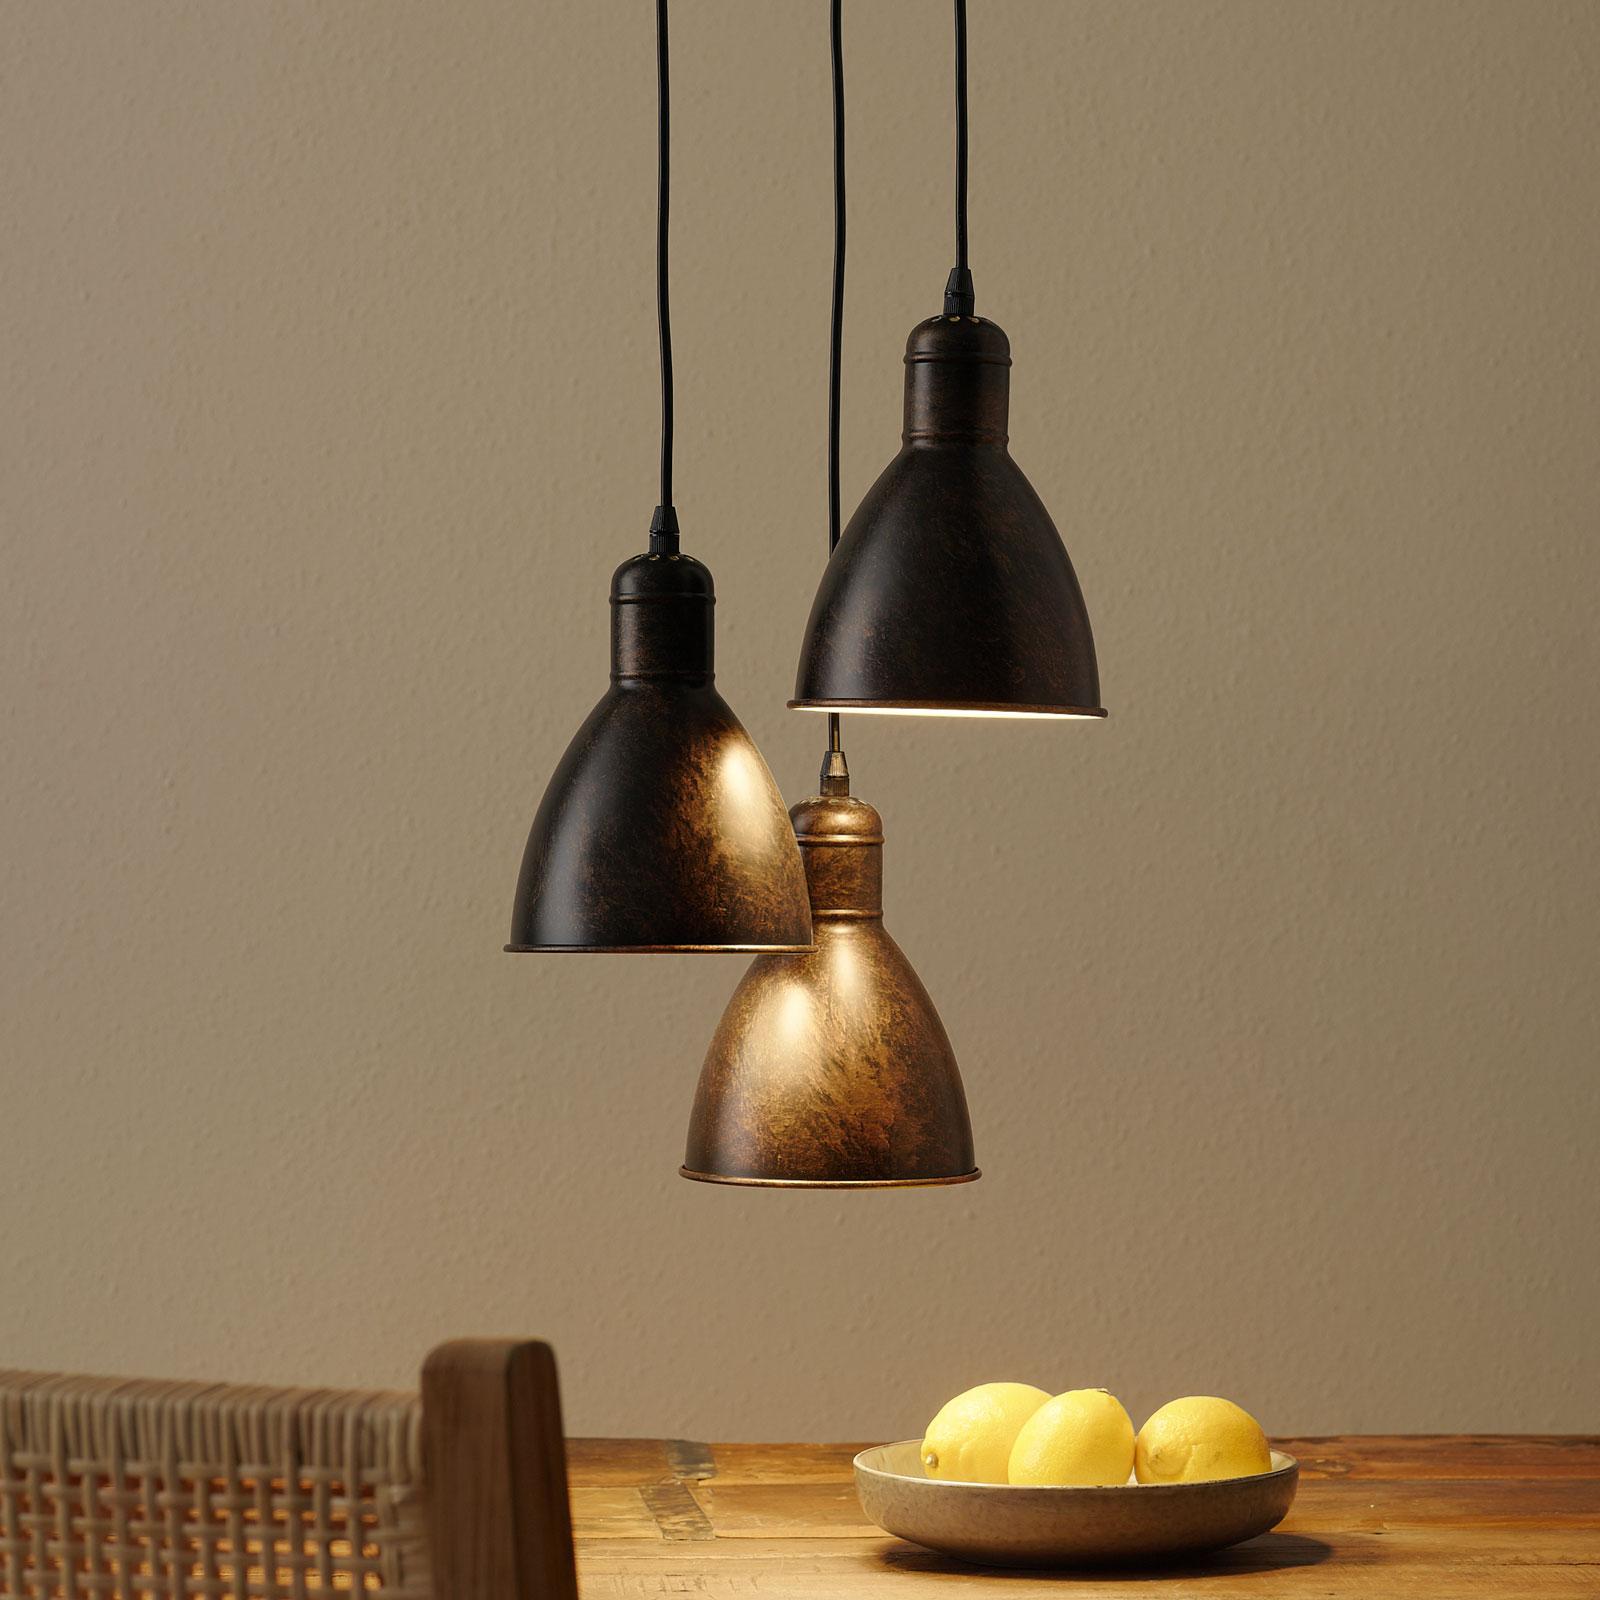 Lámpara colgante vintage Priddy 1, 3 luces, cobre